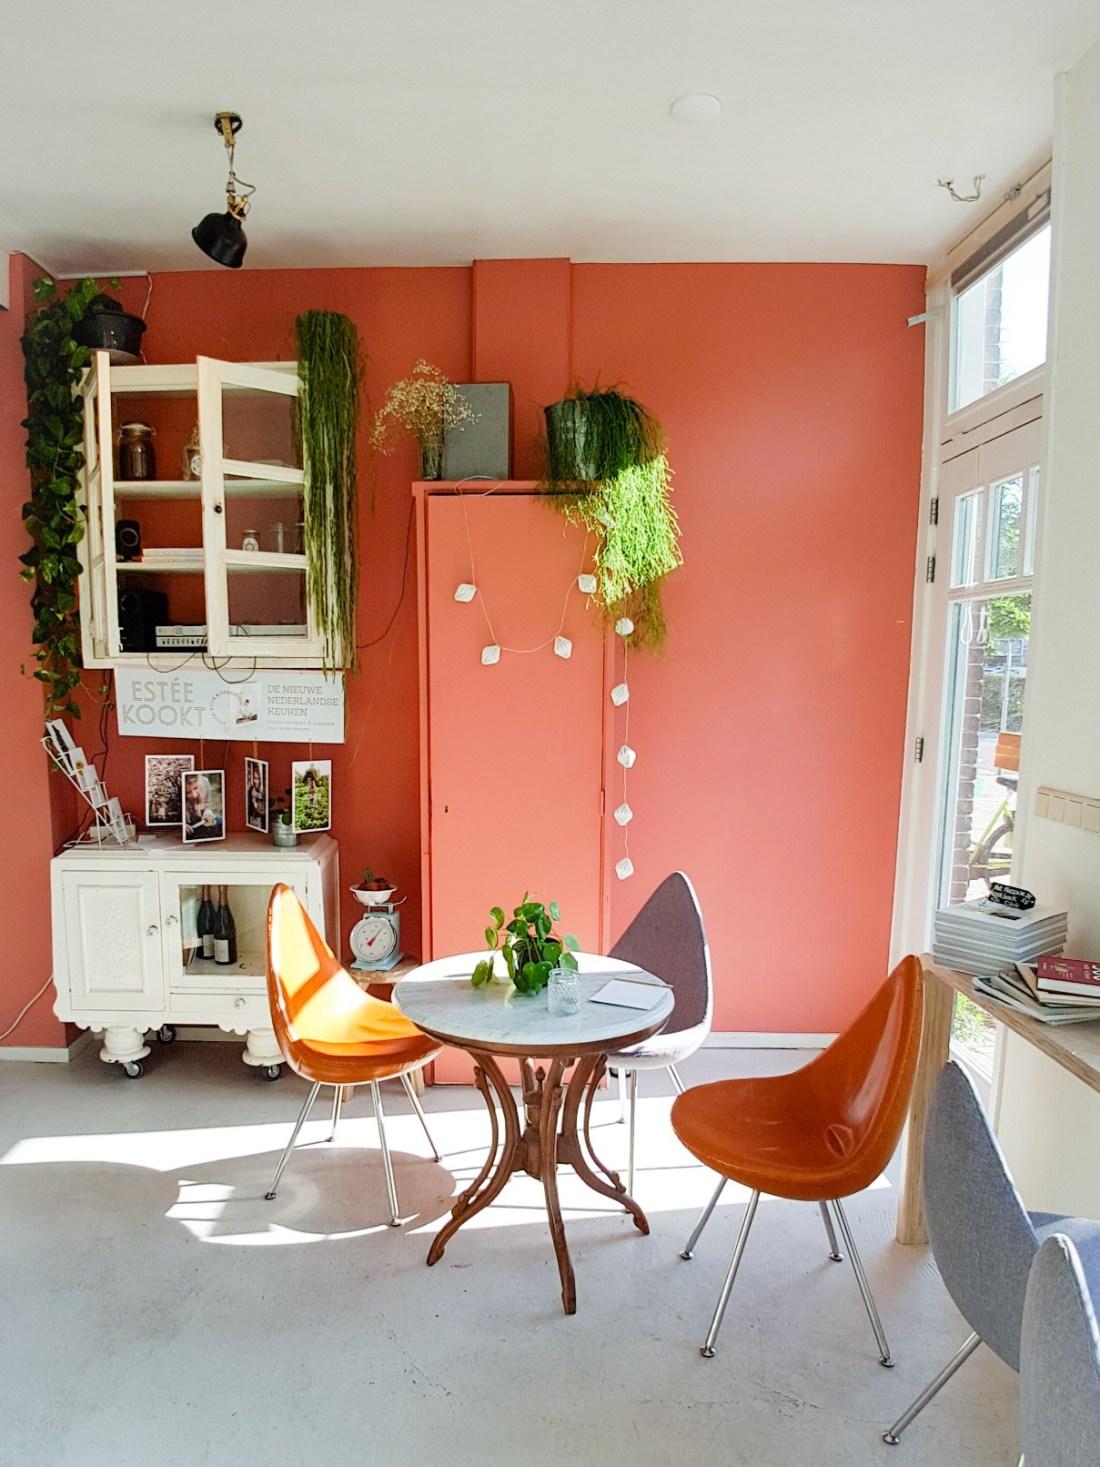 Cafe lunchroom Stroom Arnhem